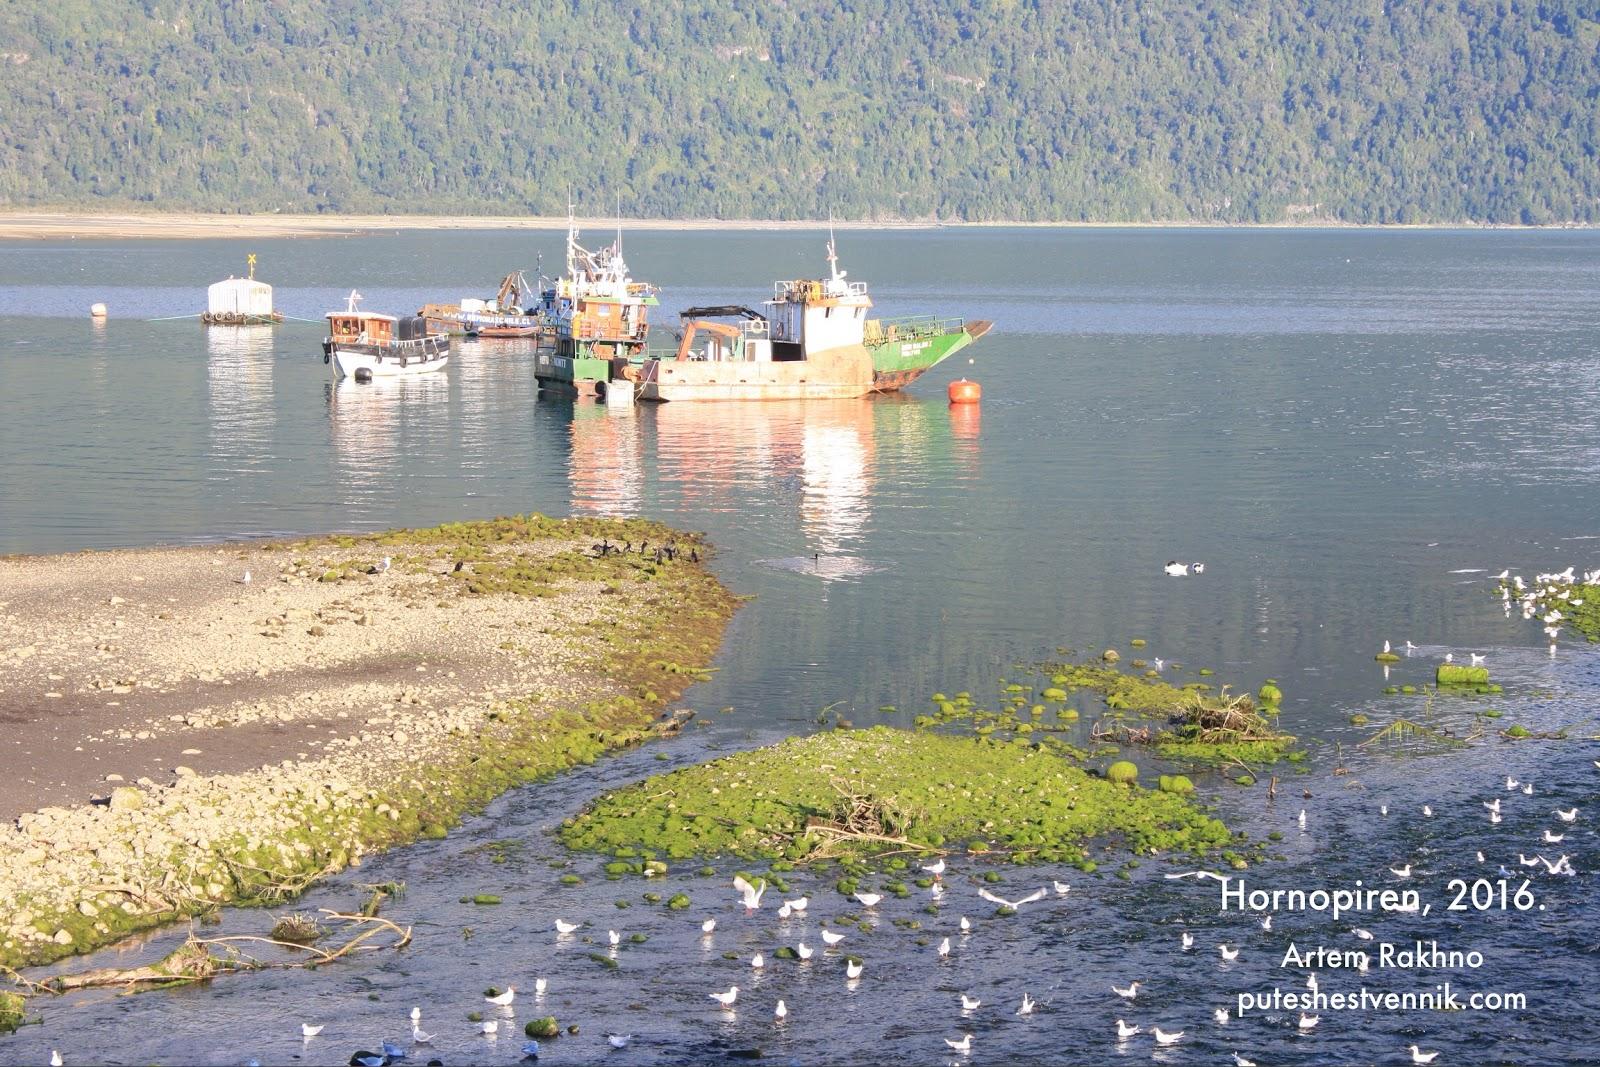 Лодки в морском заливе в Чили